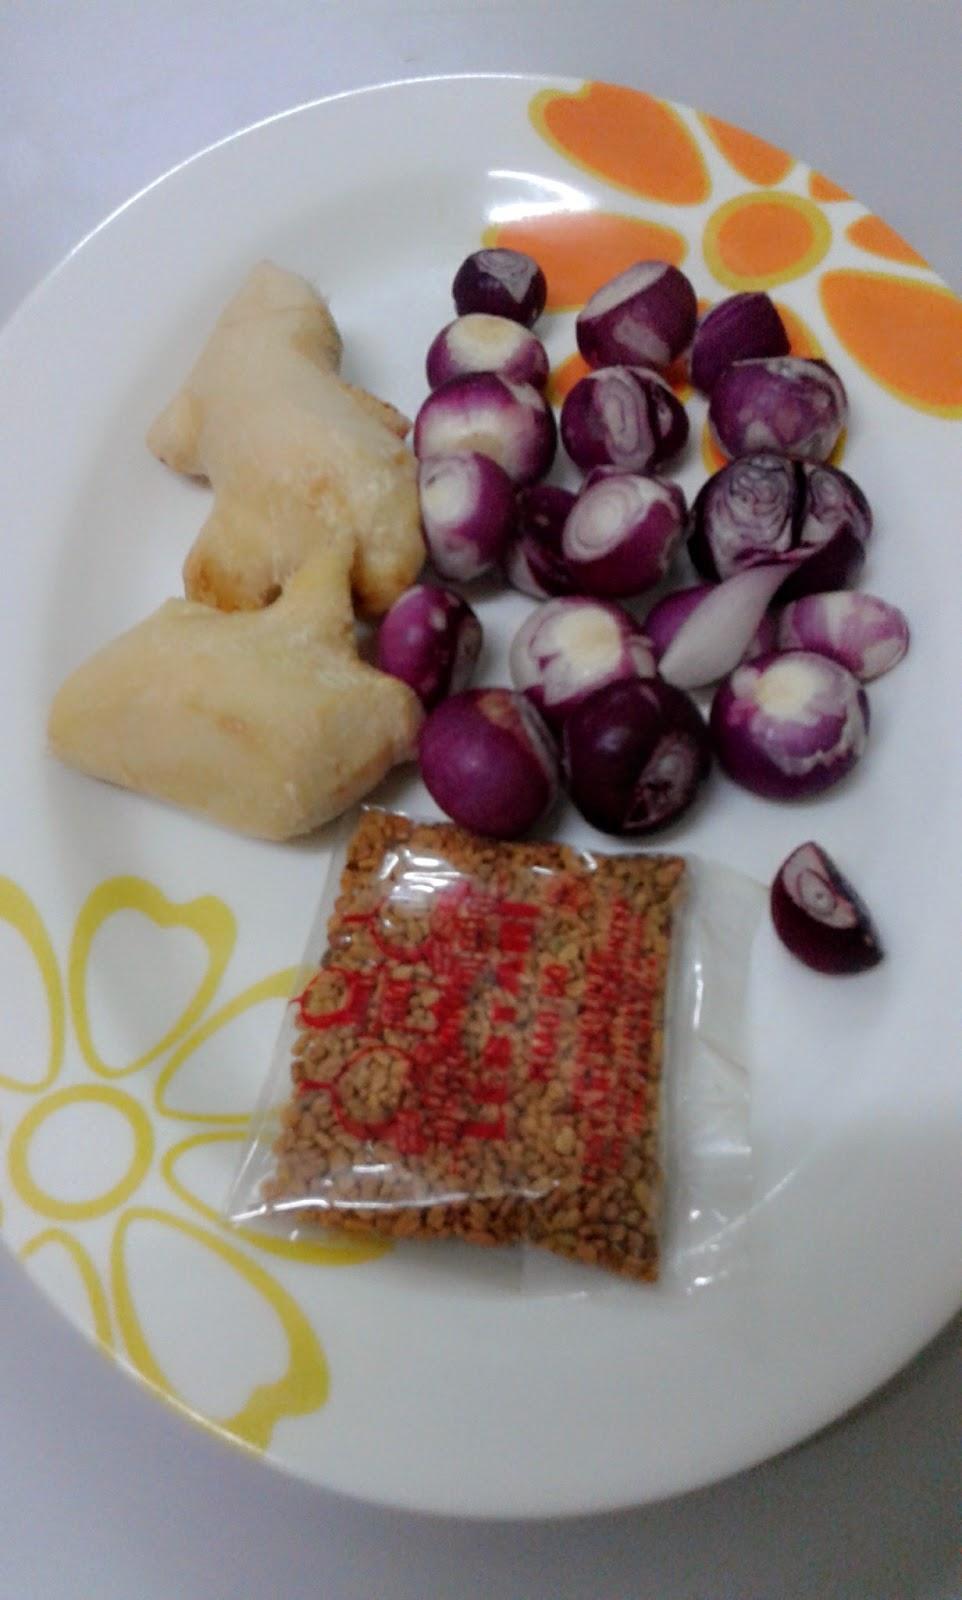 Nasi dagang, nasi dagang lynn munir, rempah ratus nasi dagang, herba nasi dagang